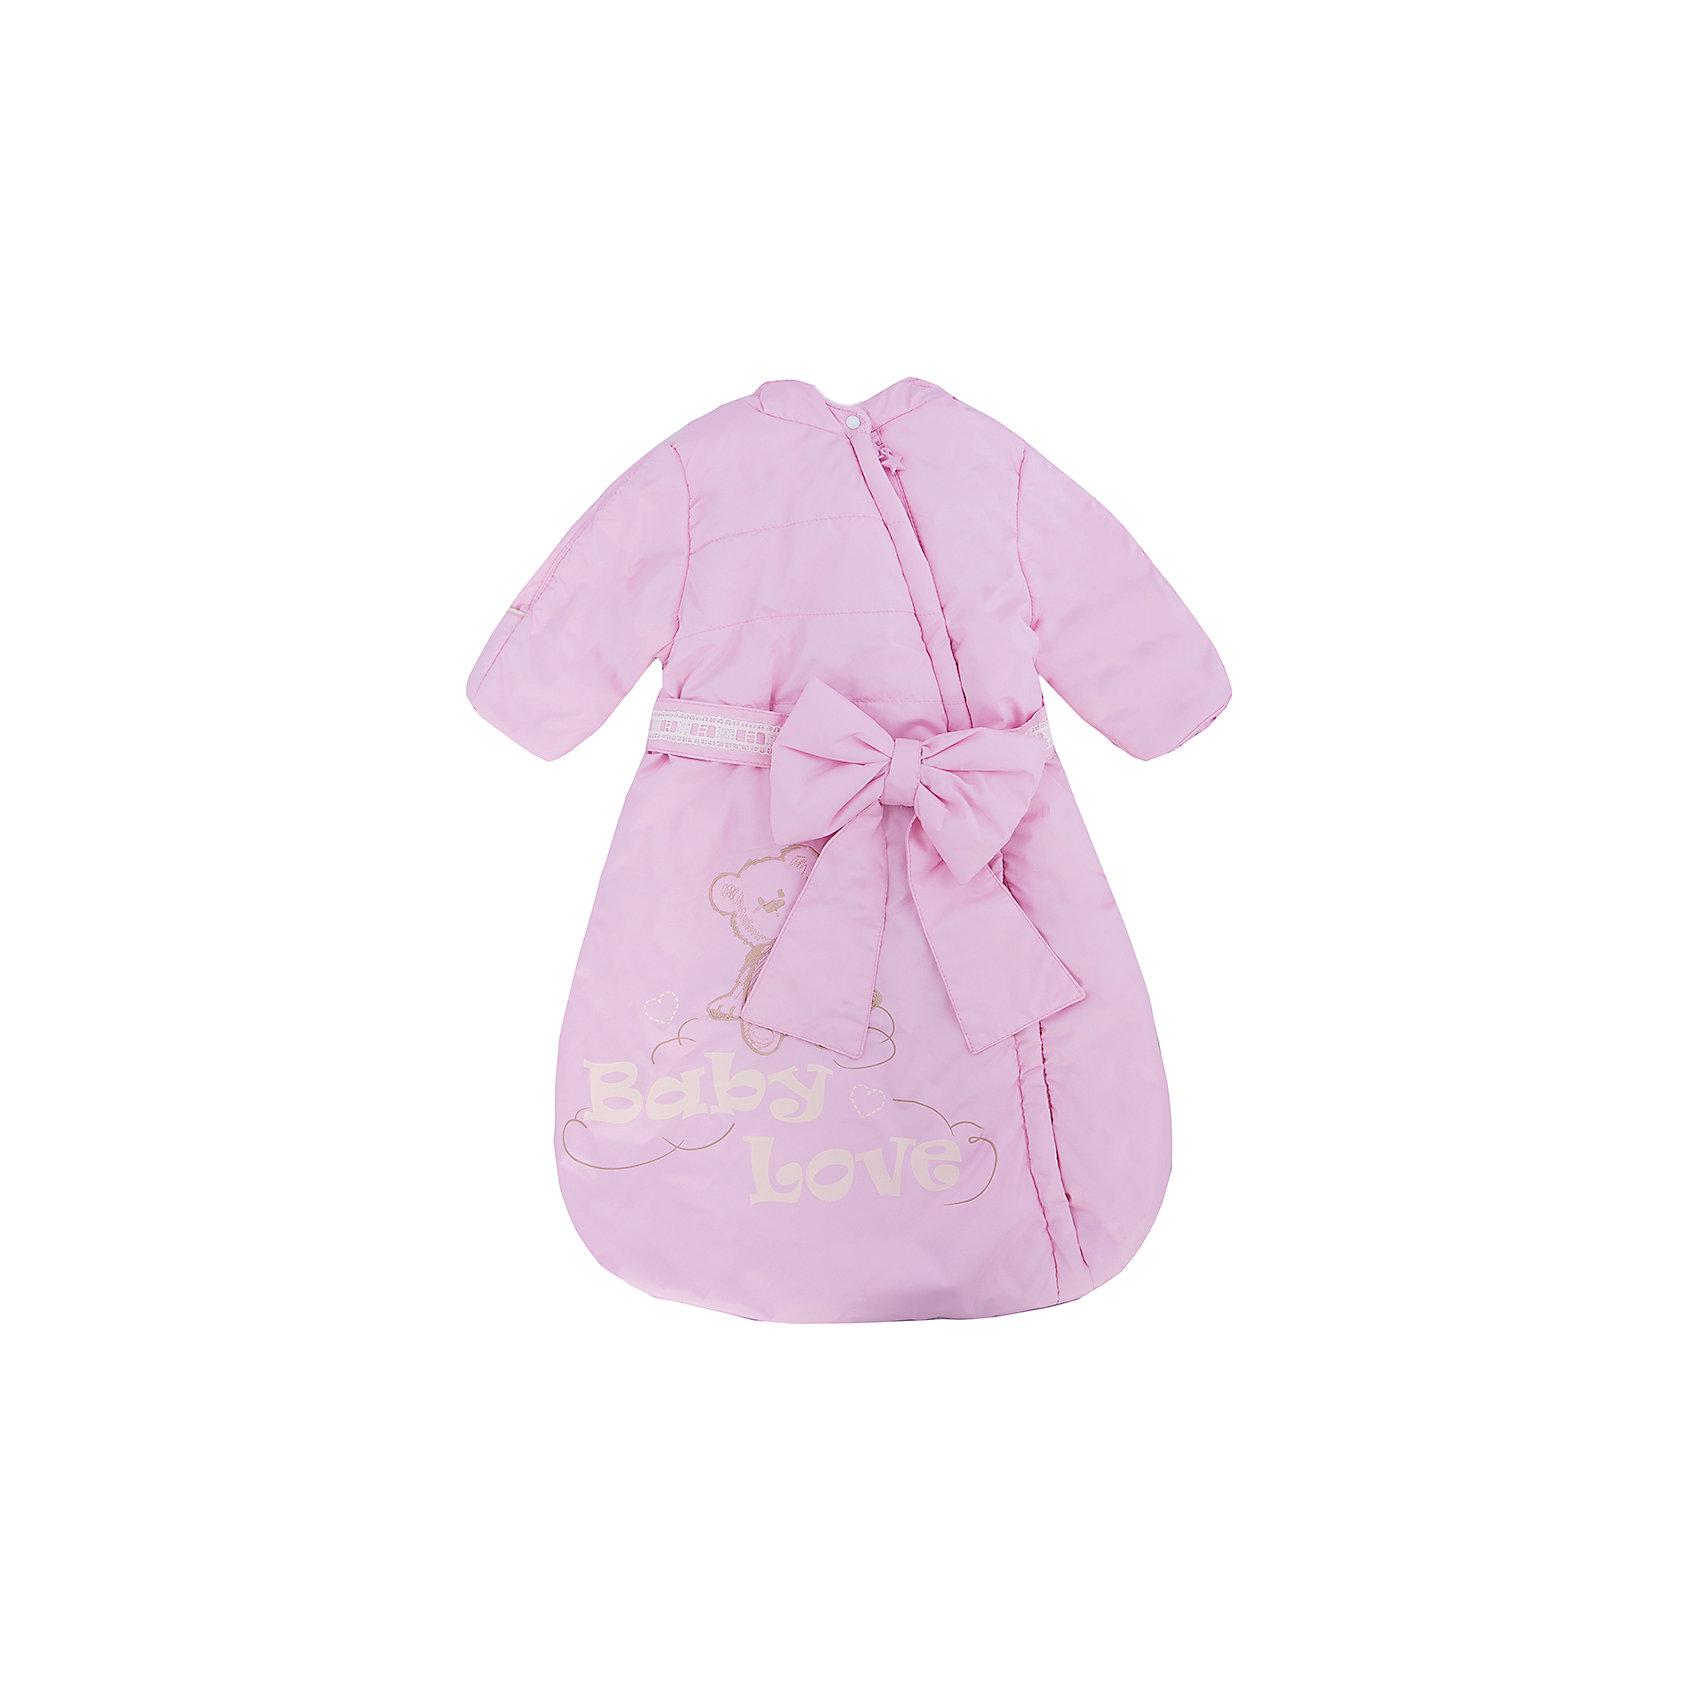 Конверт  для девочки АртельКонверт от торговой марки Артель &#13;<br>&#13;<br>Для самых маленьких - только самое лучшее. Этот конверт имеет прочную, водо- и ветроотталкивающую внешнюю оболочку и мягкую подкладку. Красивая и удобная вещь.<br>Одежда от бренда Артель – это высокое качество по приемлемой цене и всегда продуманный дизайн. &#13;<br>&#13;<br>Особенности модели: &#13;<br>- цвет - розовый;&#13;<br>- фланелевая подкладка;&#13;<br>- капюшон;<br>- утеплитель;&#13;<br>- украшен принтом (мишка) и поясом с бантом;&#13;<br>- застежка-молния, кнопки.&#13;<br>&#13;<br>Дополнительная информация:&#13;<br>&#13;<br>Состав: &#13;<br>- верх: Dewspo FD;<br>- подкладка: интерлок;<br>- утеплитель: термофайбер 100 г<br>&#13;<br>Температурный режим: &#13;<br>от - 10 °C до + 10 °C&#13;<br>&#13;<br>Конверт Артель (Artel) можно купить в нашем магазине.<br><br>Ширина мм: 356<br>Глубина мм: 10<br>Высота мм: 245<br>Вес г: 519<br>Цвет: розовый<br>Возраст от месяцев: 3<br>Возраст до месяцев: 6<br>Пол: Женский<br>Возраст: Детский<br>Размер: 68,62<br>SKU: 4495938